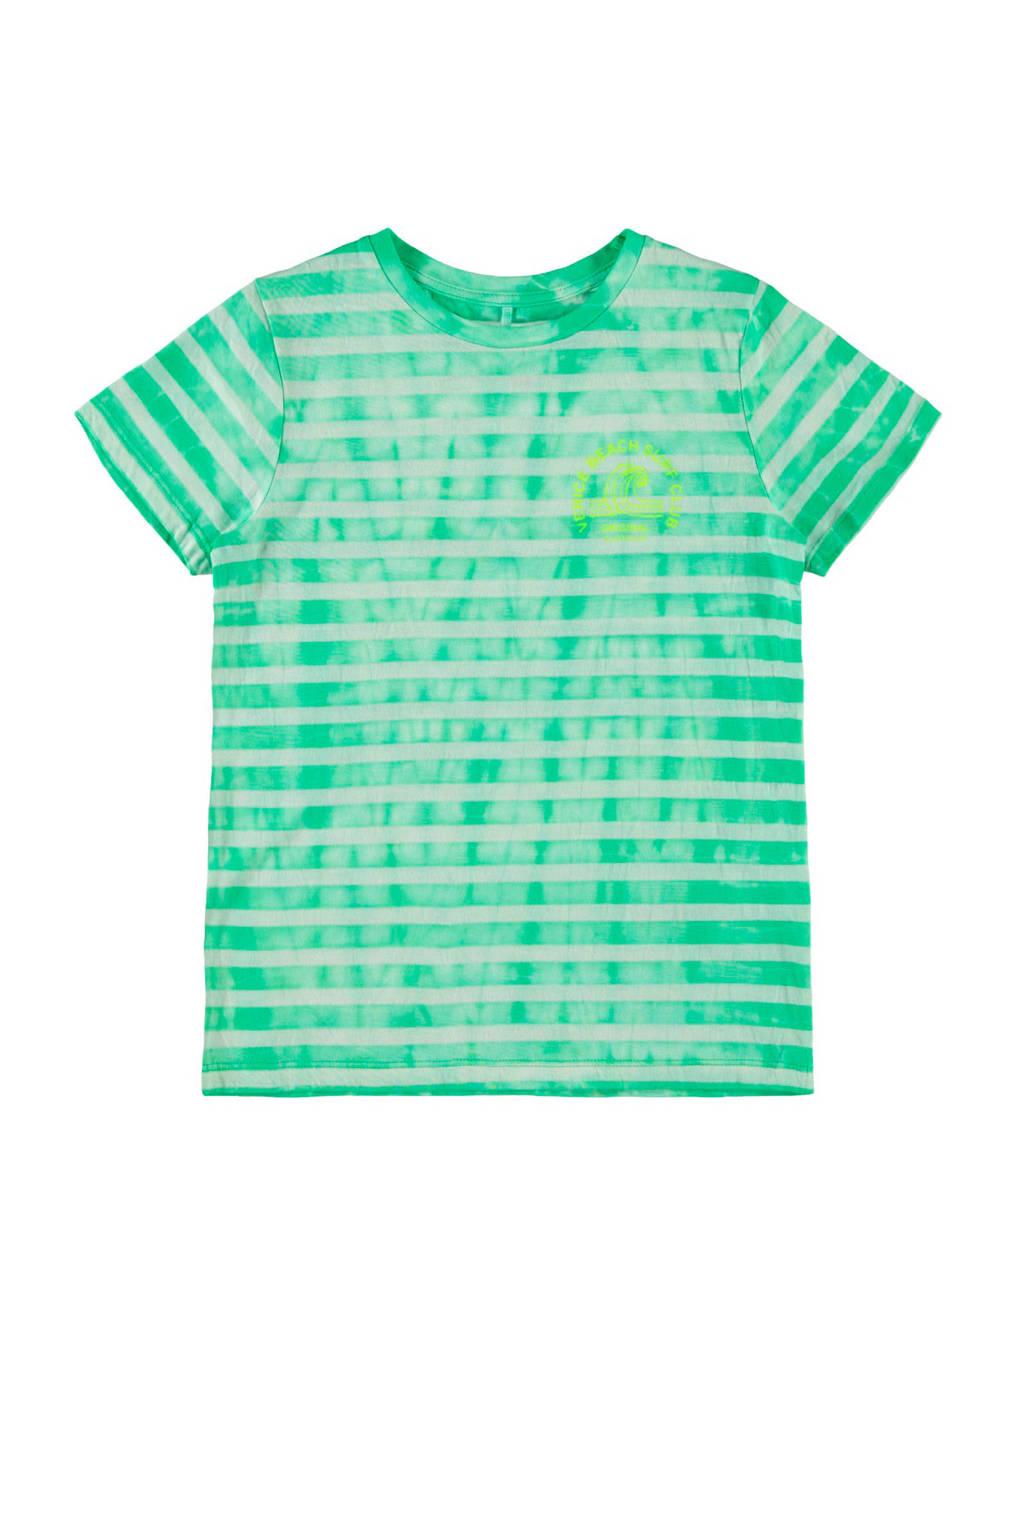 NAME IT KIDS gestreept T-shirt Jenke met biologisch katoen groen/wit, Groen/wit